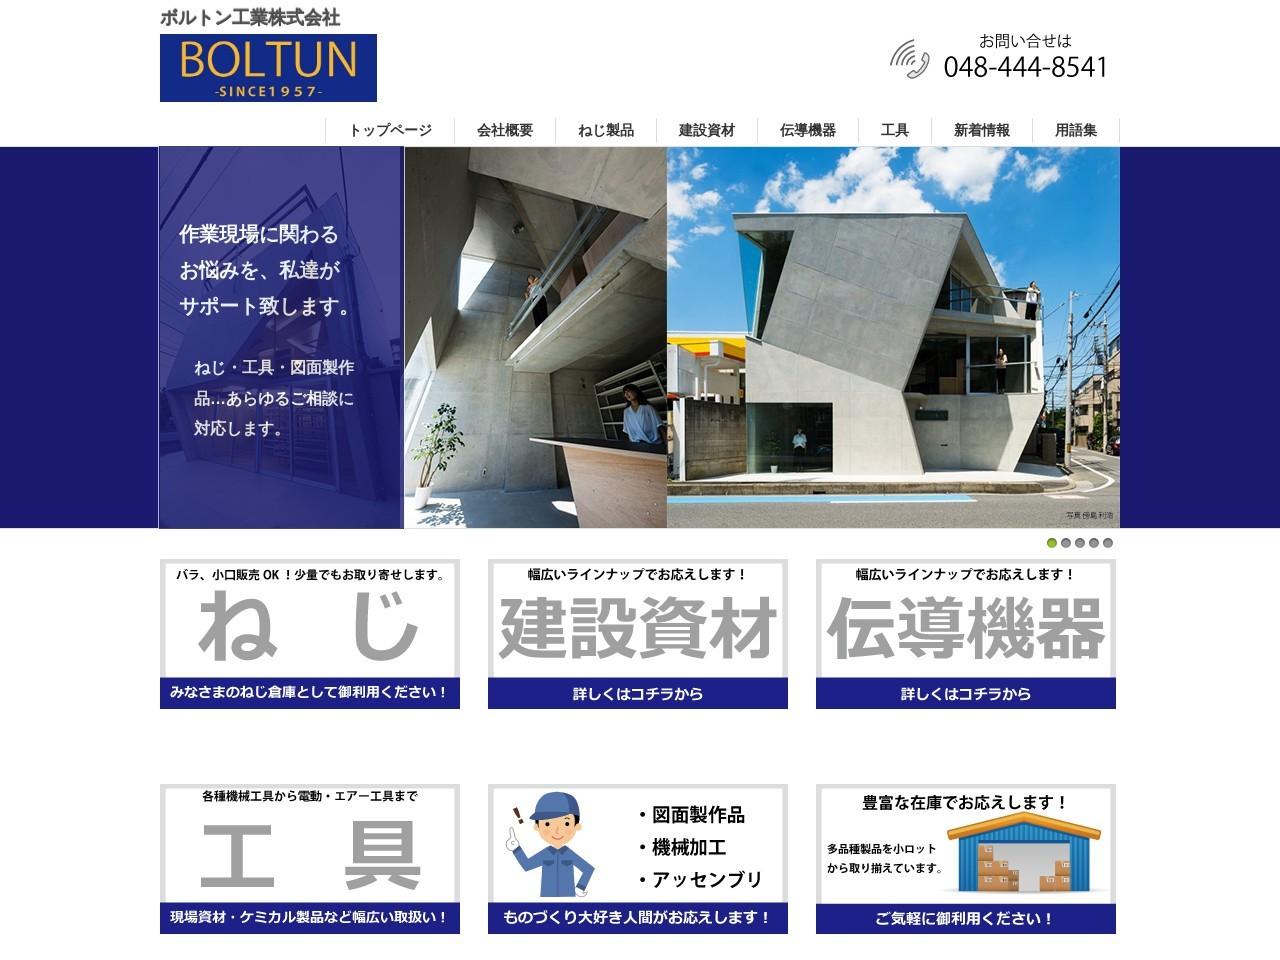 ボルトン工業株式会社